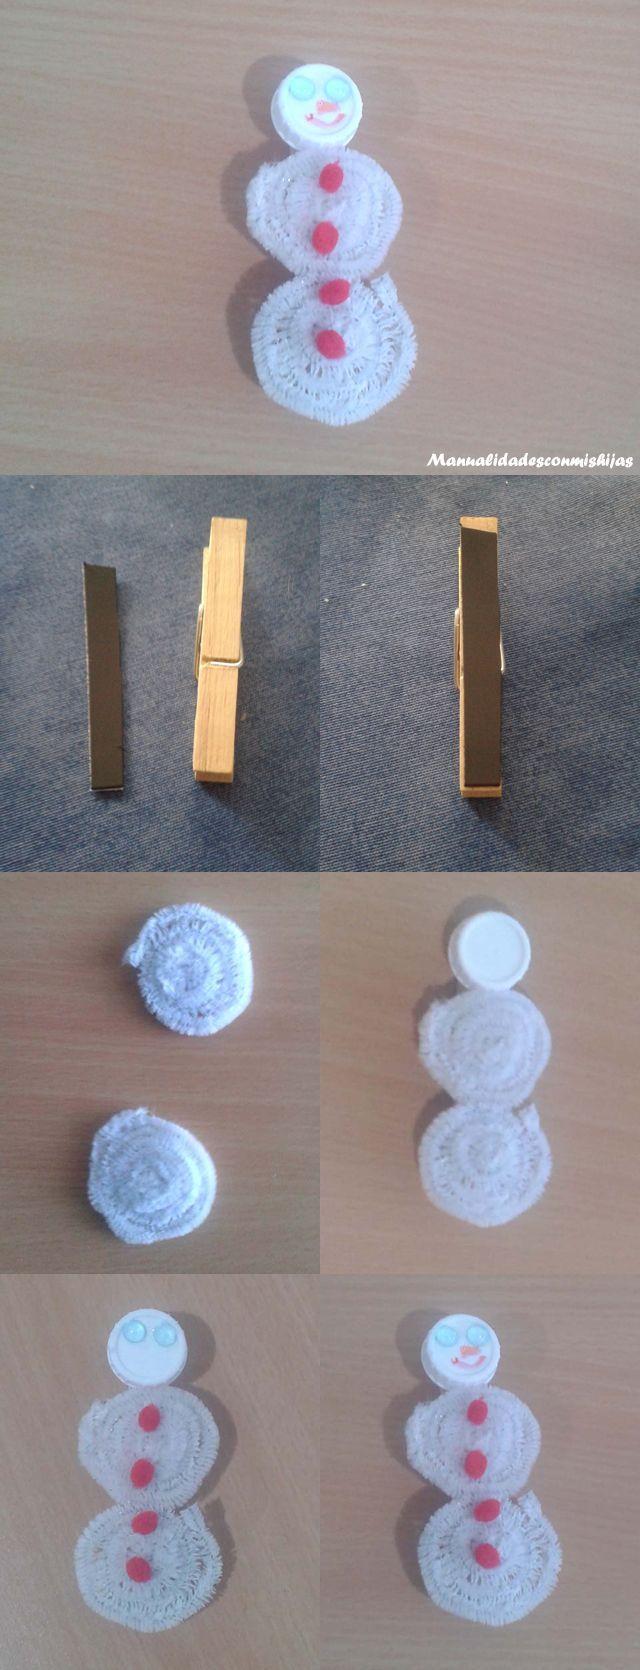 Muñeco de nieve con limpiapipas en una pinza con imán para el frigorífico o nevera